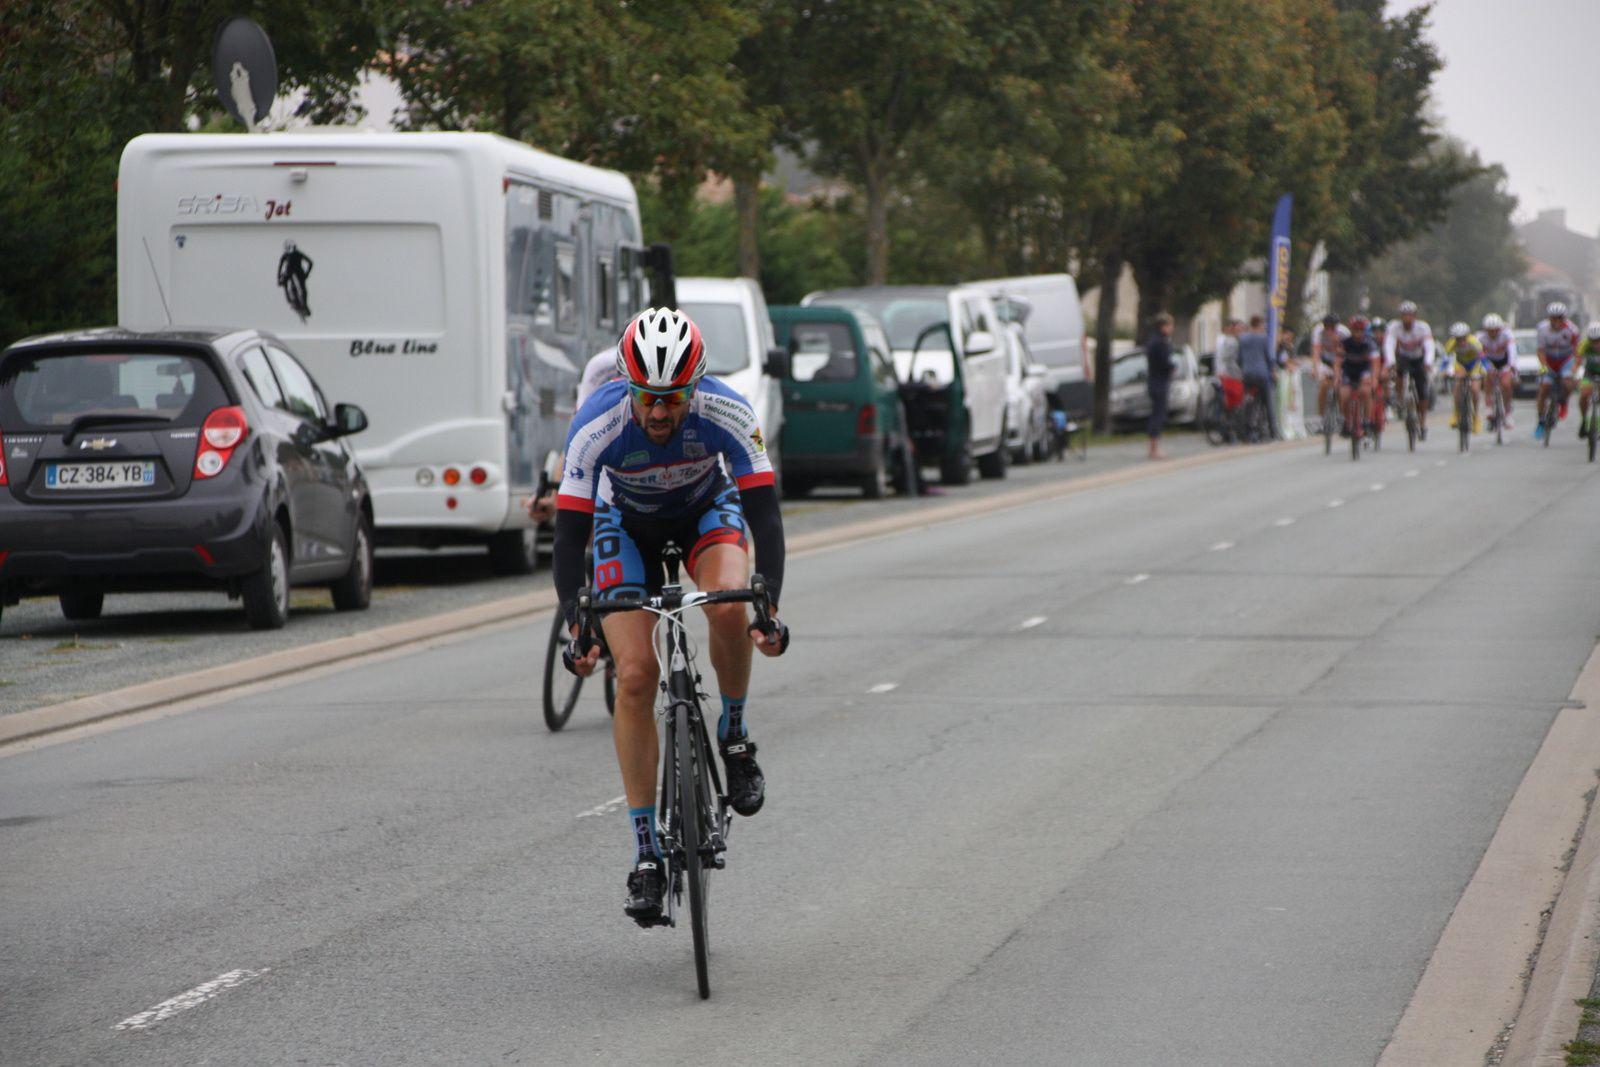 Cyril  POTY  et  un  coureur  du  VC  Lucon  se  sont  détachés, Michaél  AIRAUD  tente  de  revenir